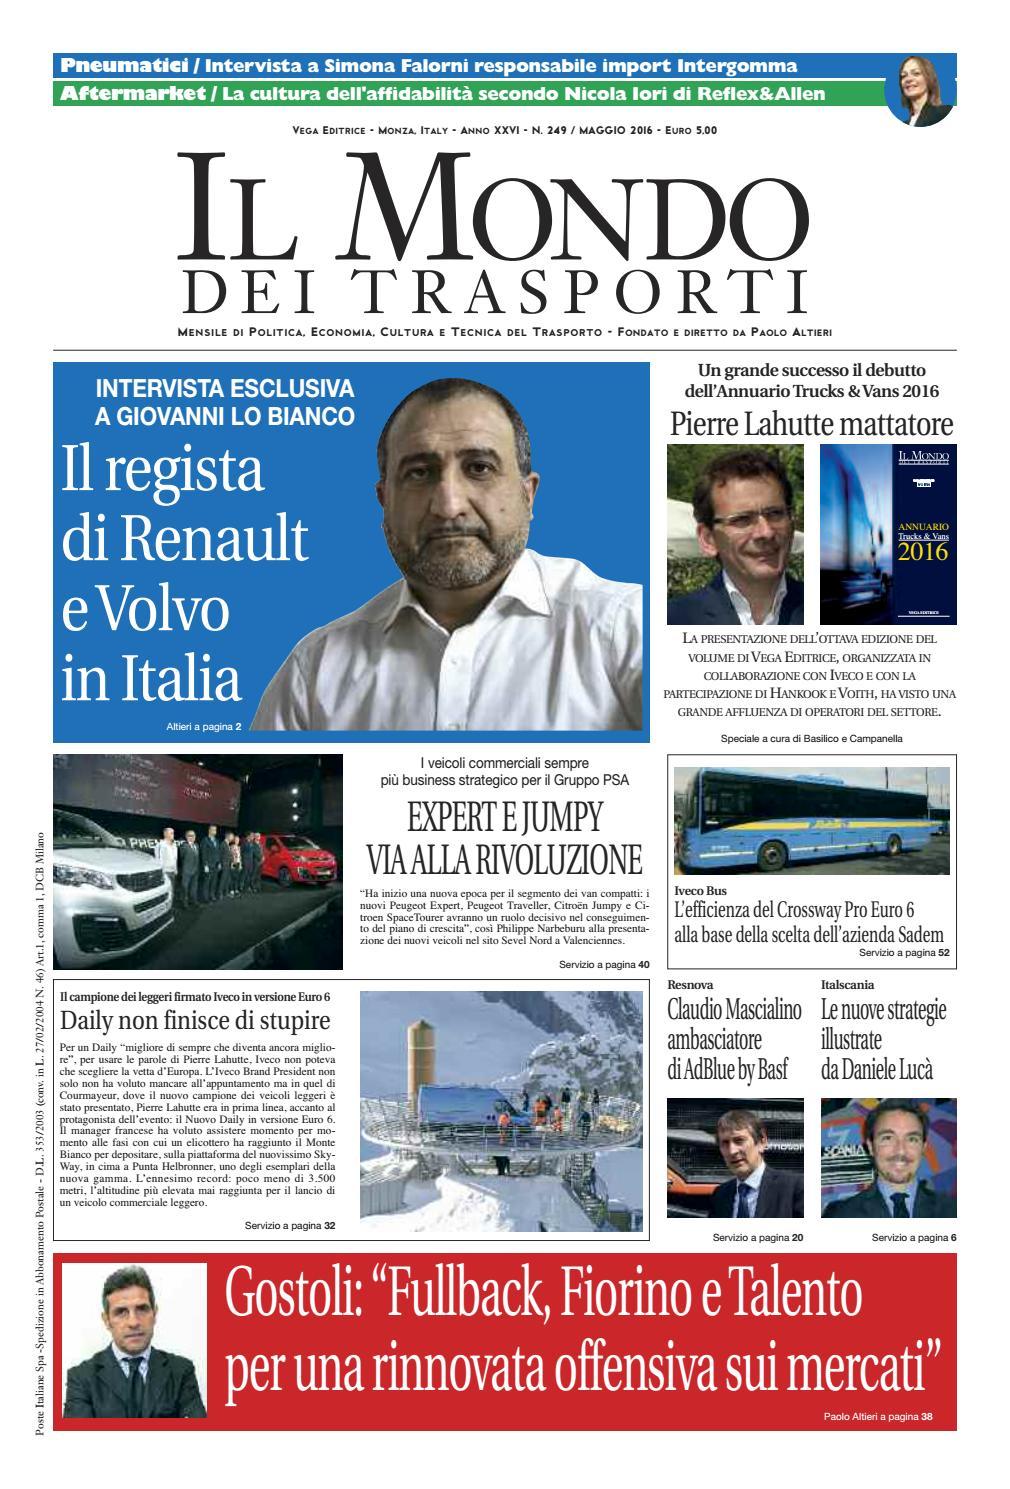 Il Mondo dei Trasporti - Maggio 2016 by Vega Editrice - issuu fc35edaa60f16